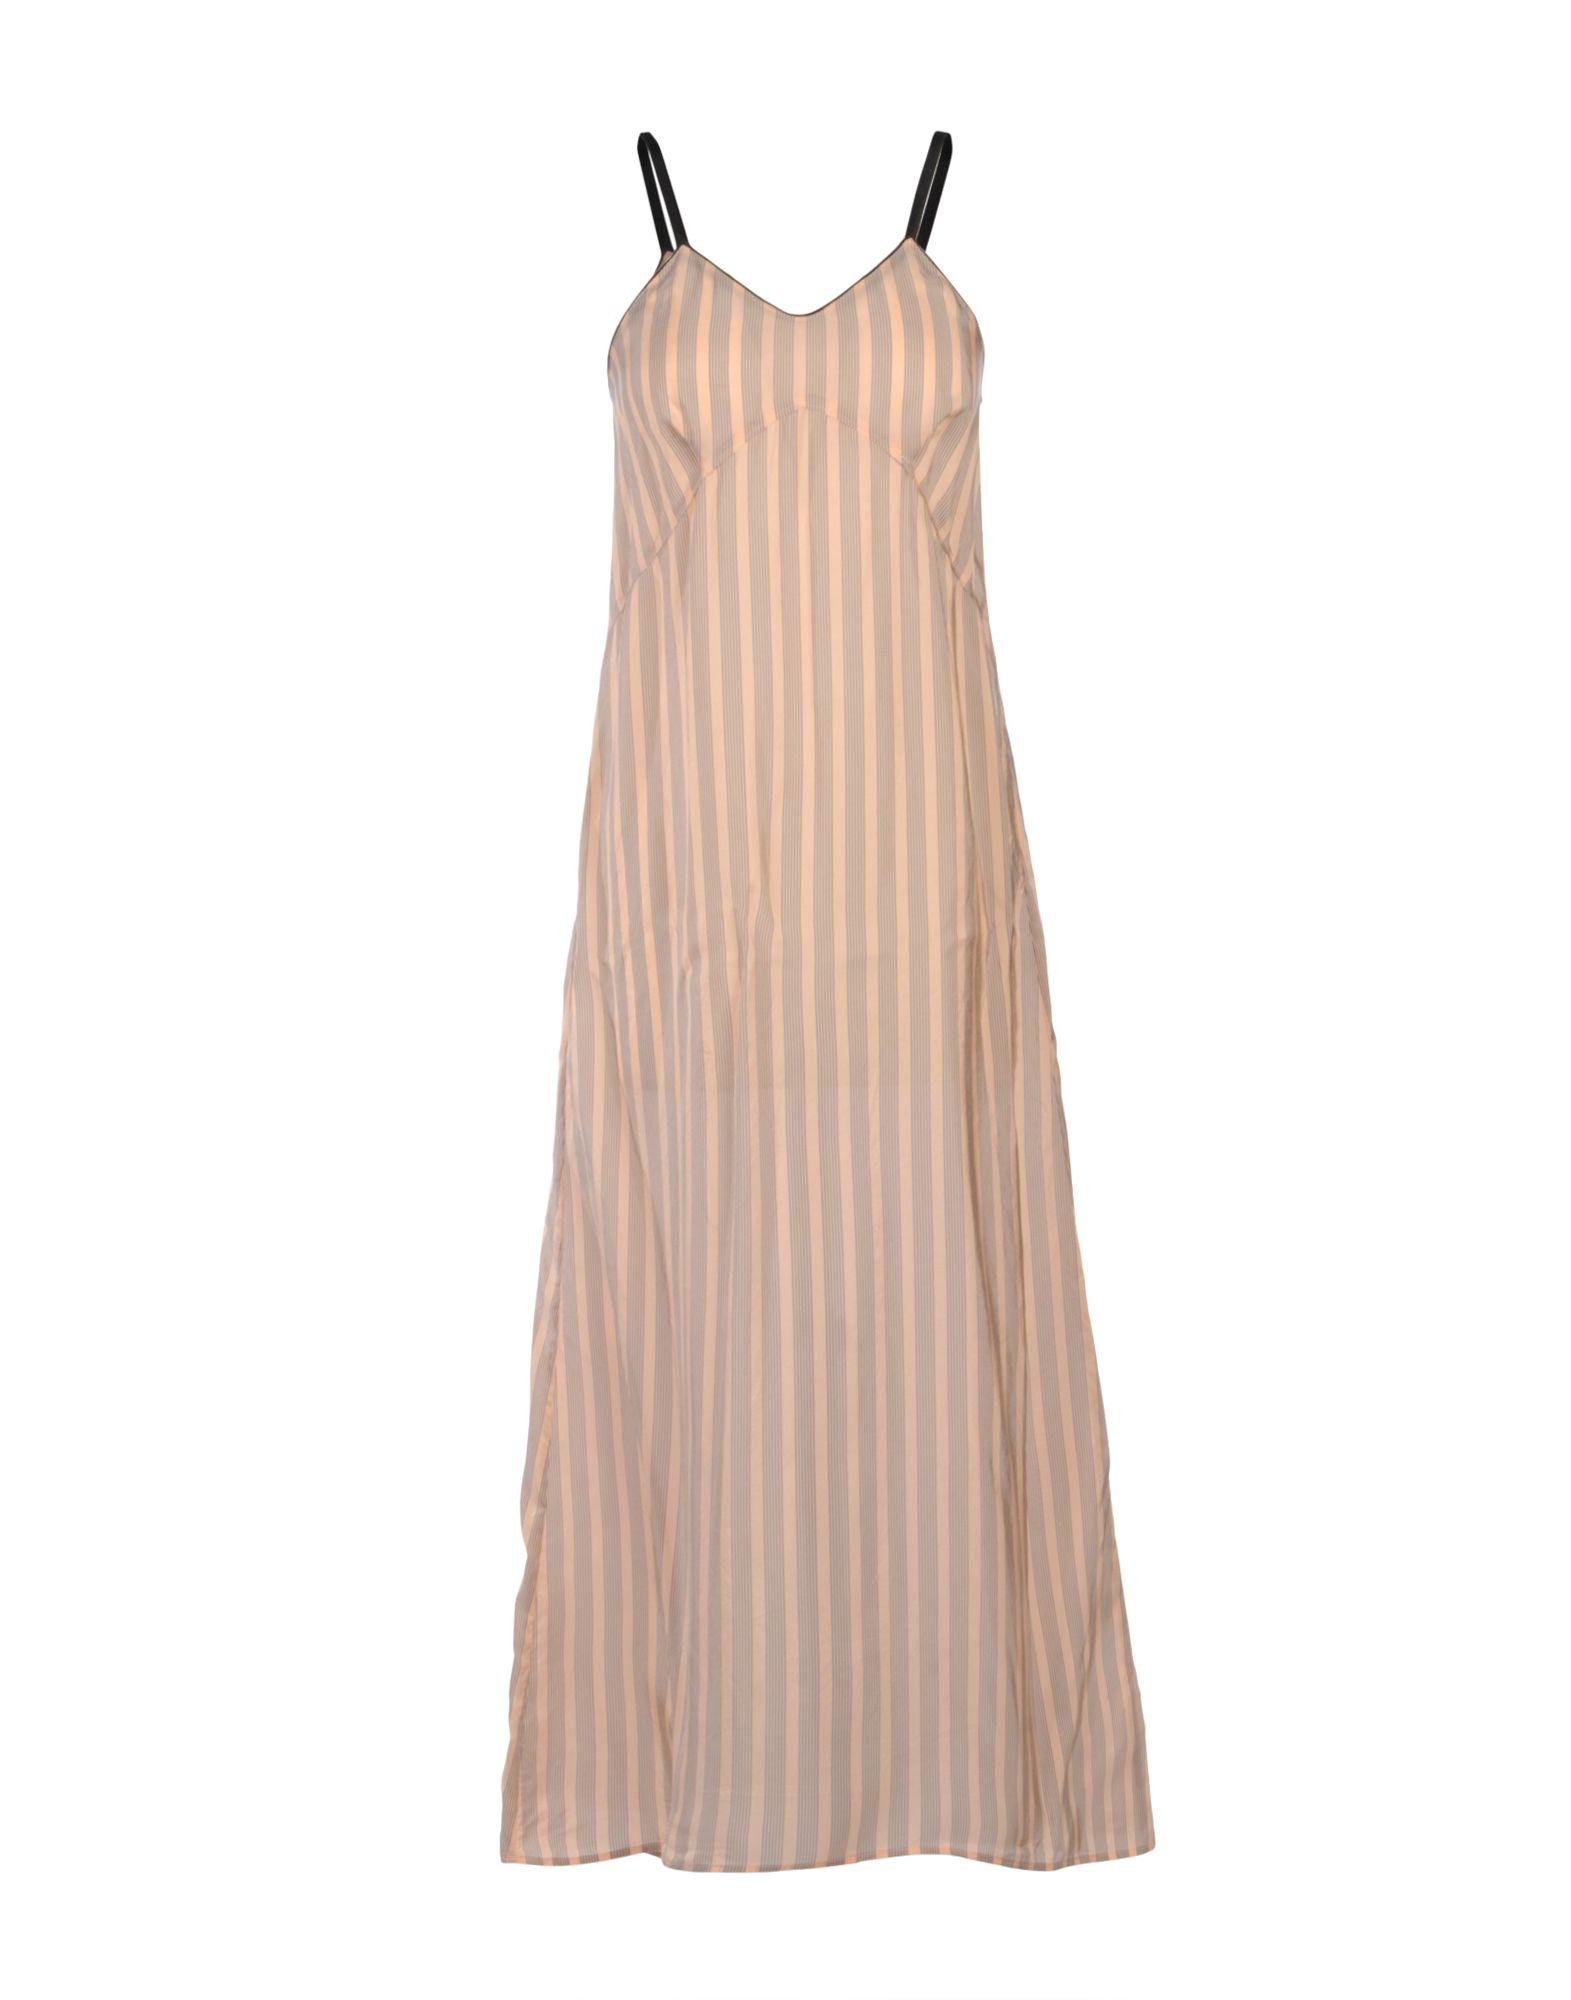 FORTE-FORTE Damen Langes Kleid Farbe Nude Größe 1 - broschei